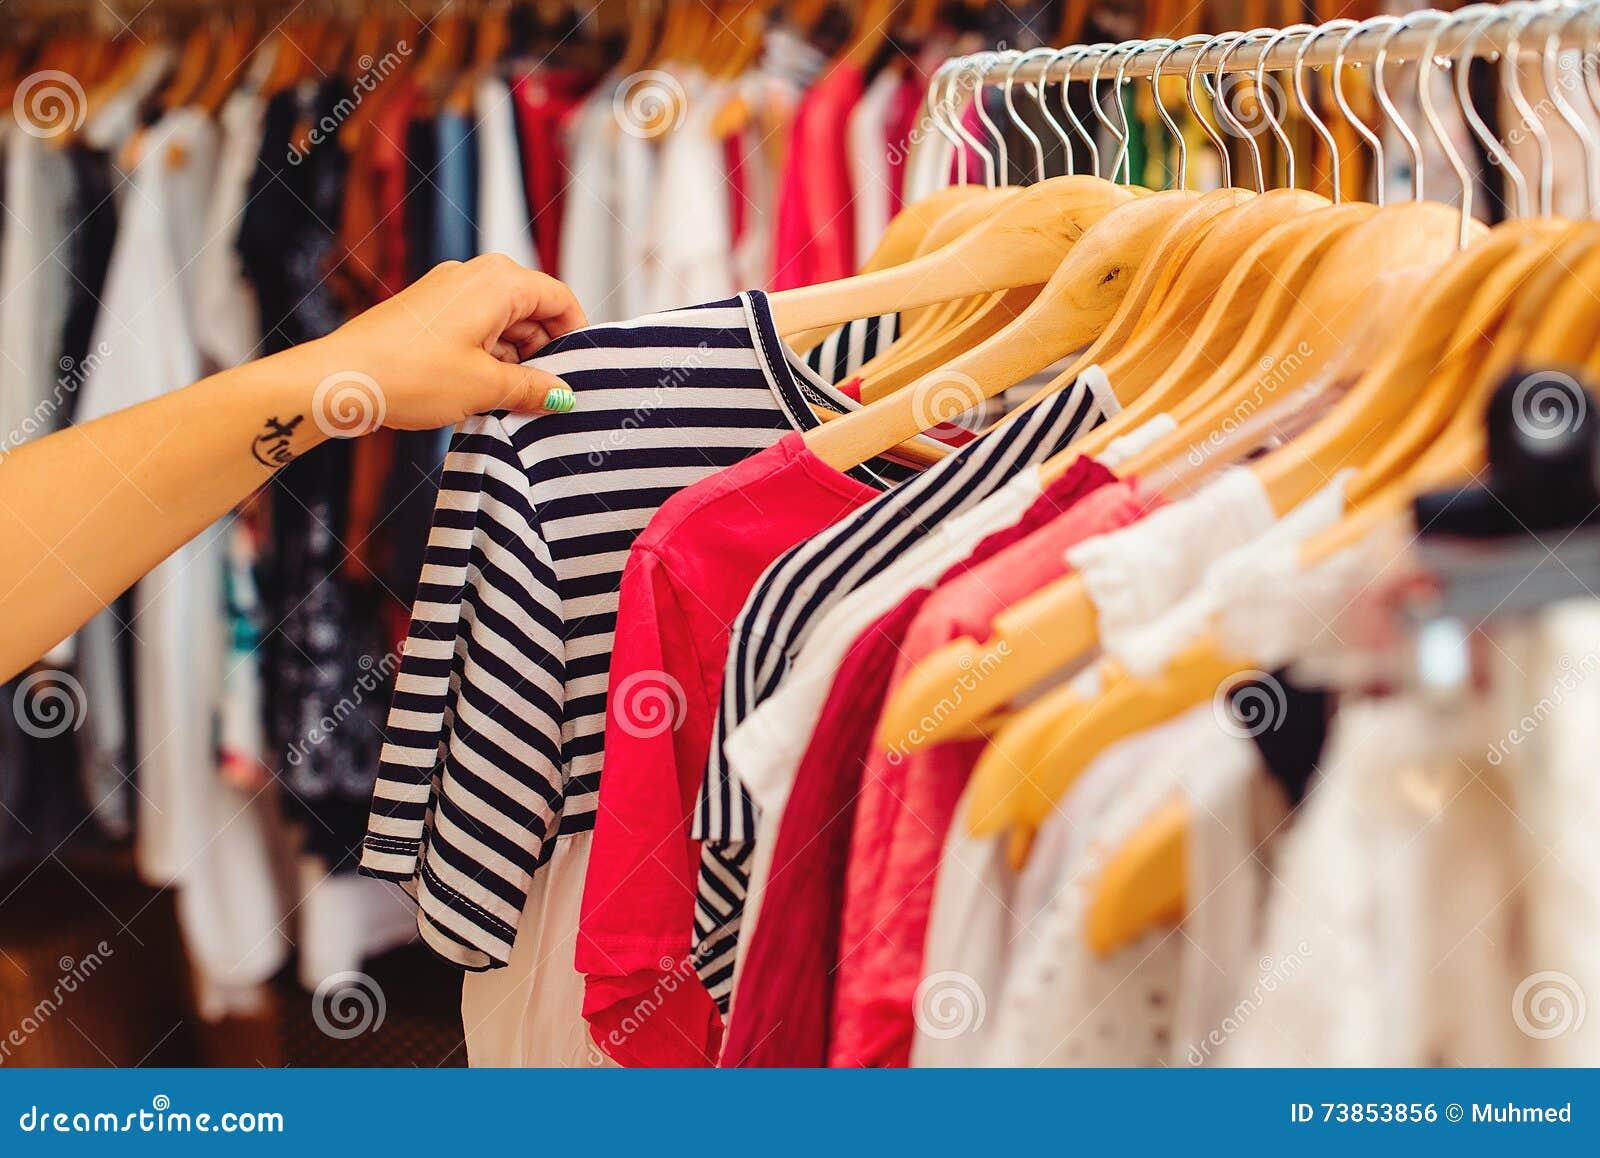 de4fd7c76 Las suspensiones de ropa con ropa colorida en las mujeres hacen compras  Venta del verano